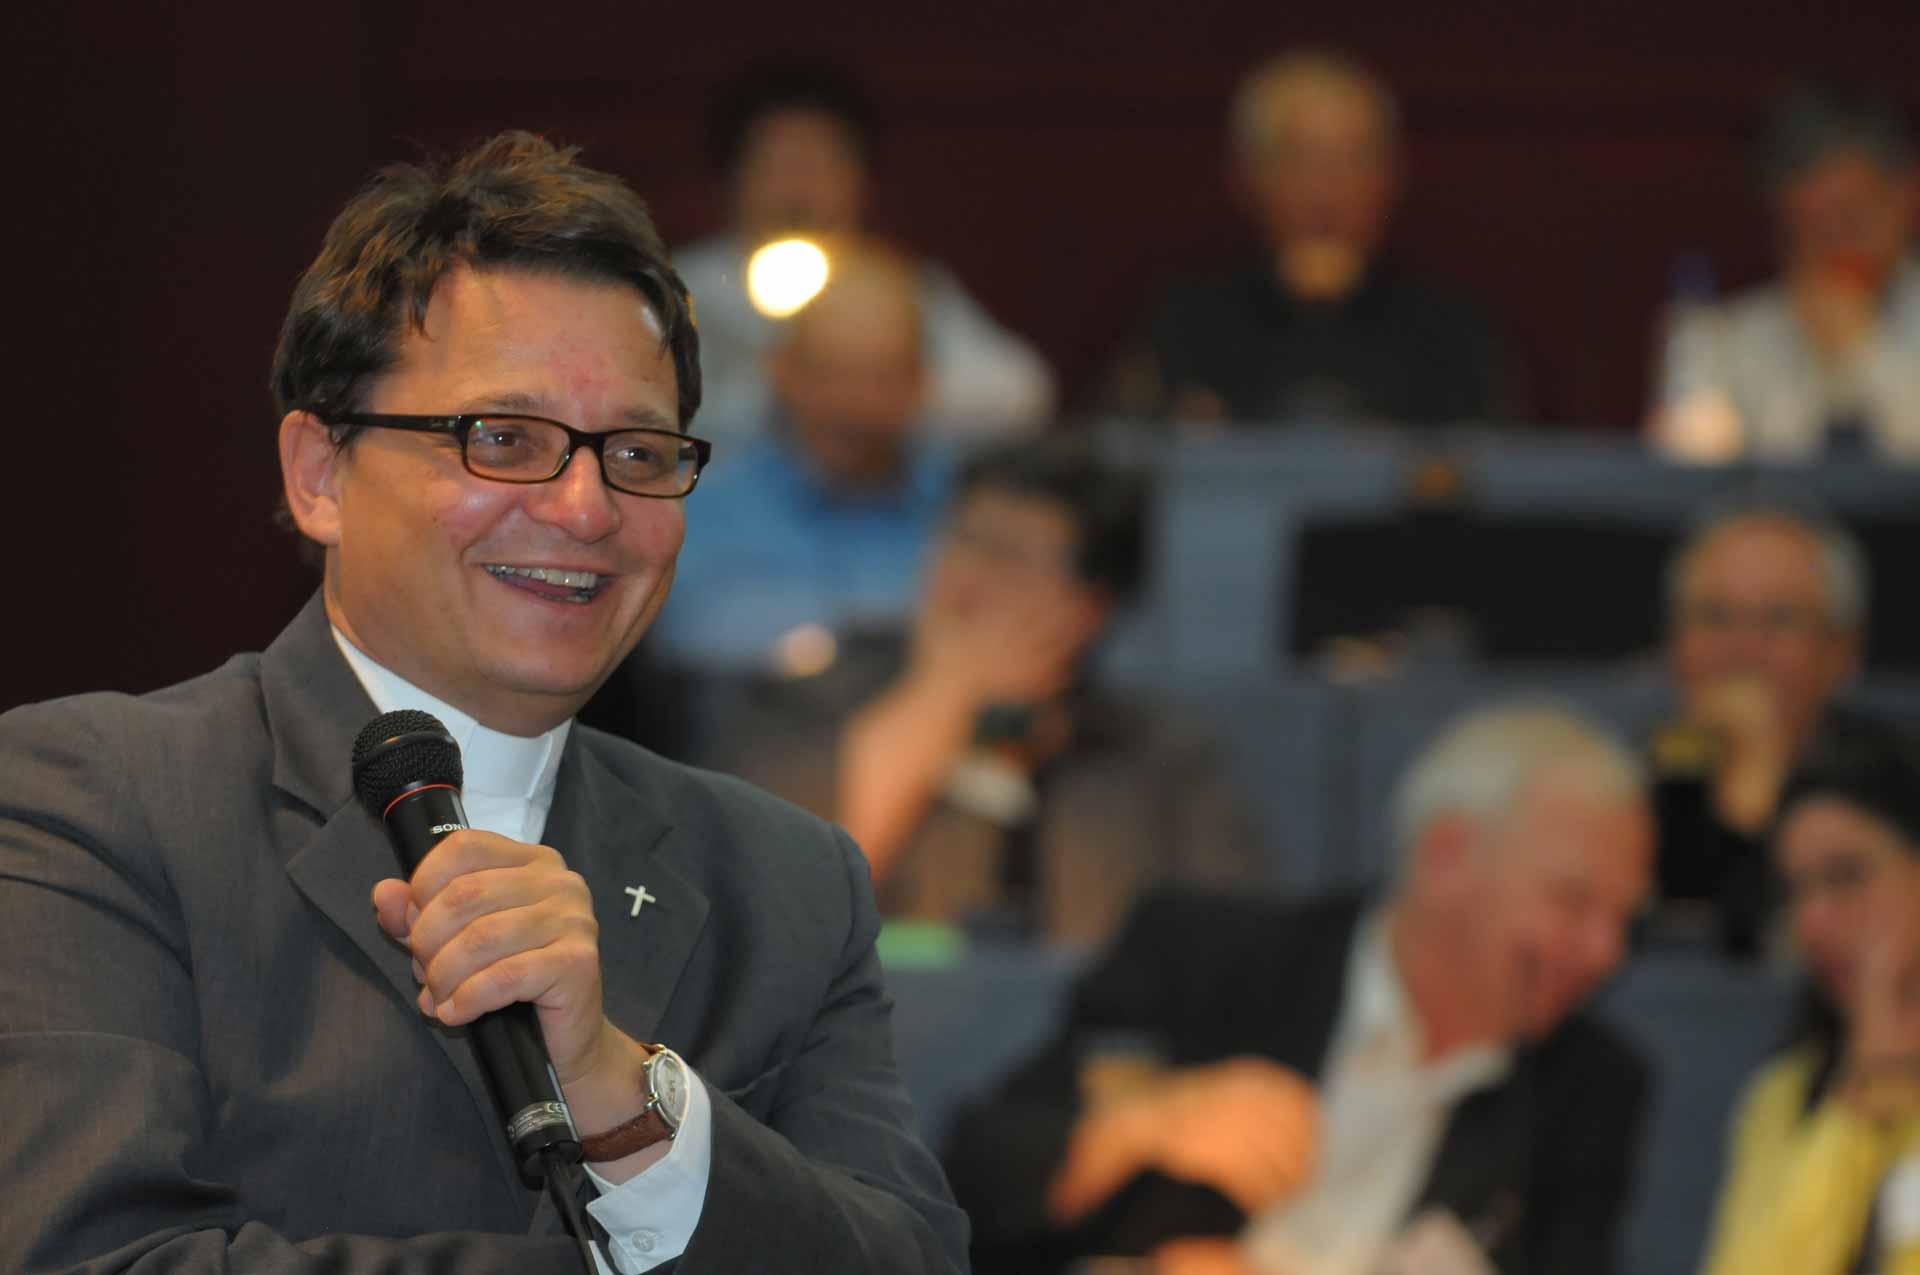 Bischof Felix Gmür bei seinem letzten Besuch der Luzerner Synode am 2. Mai 2012. Am 15 Mai 2019 ist er erneut hier zu Gast. | © 2012 Gregor Gander